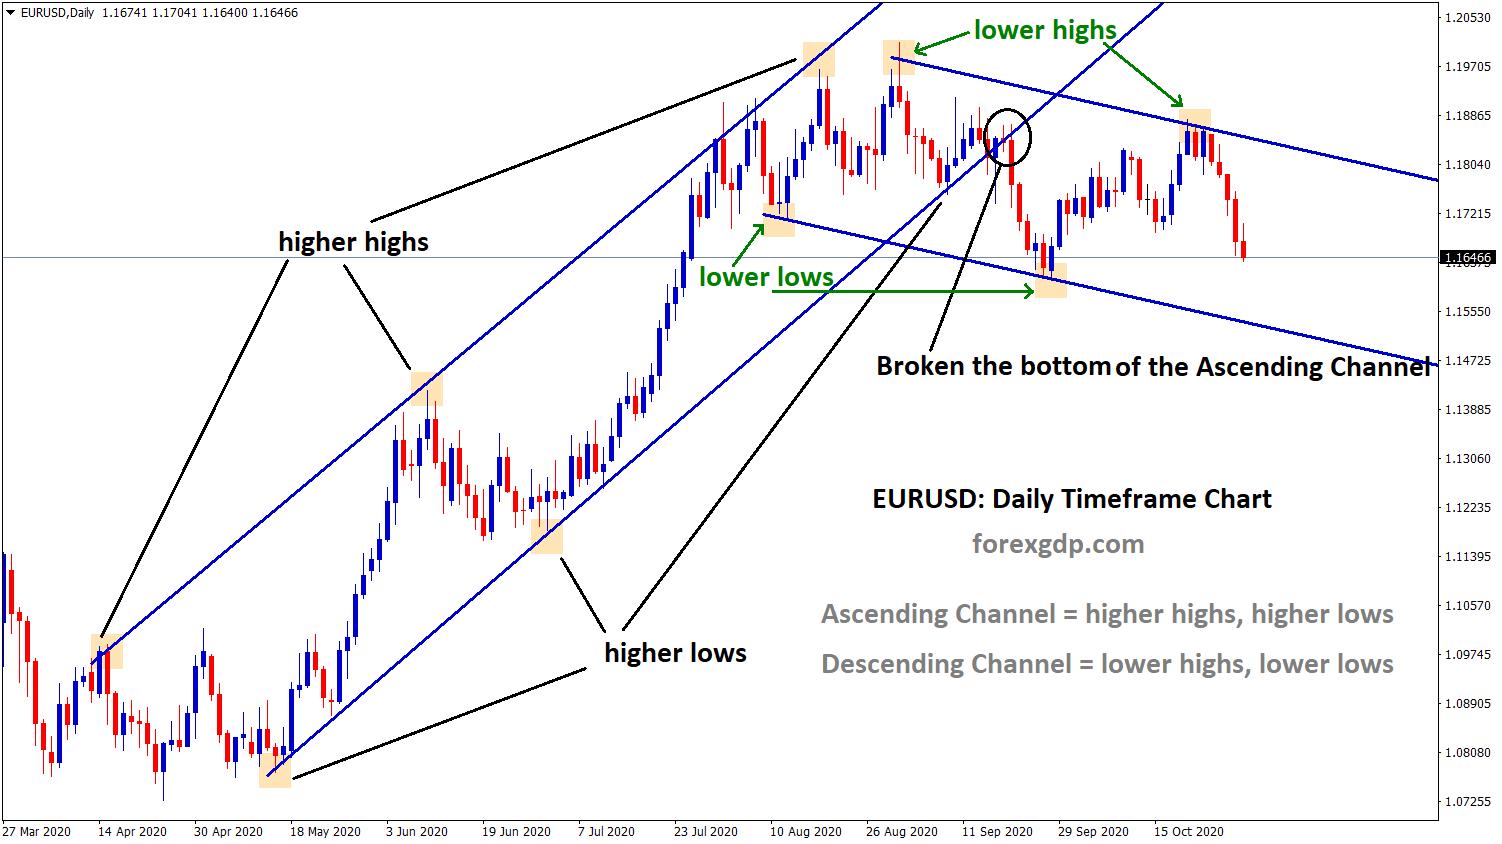 EURUSD ascending and descending channel formed